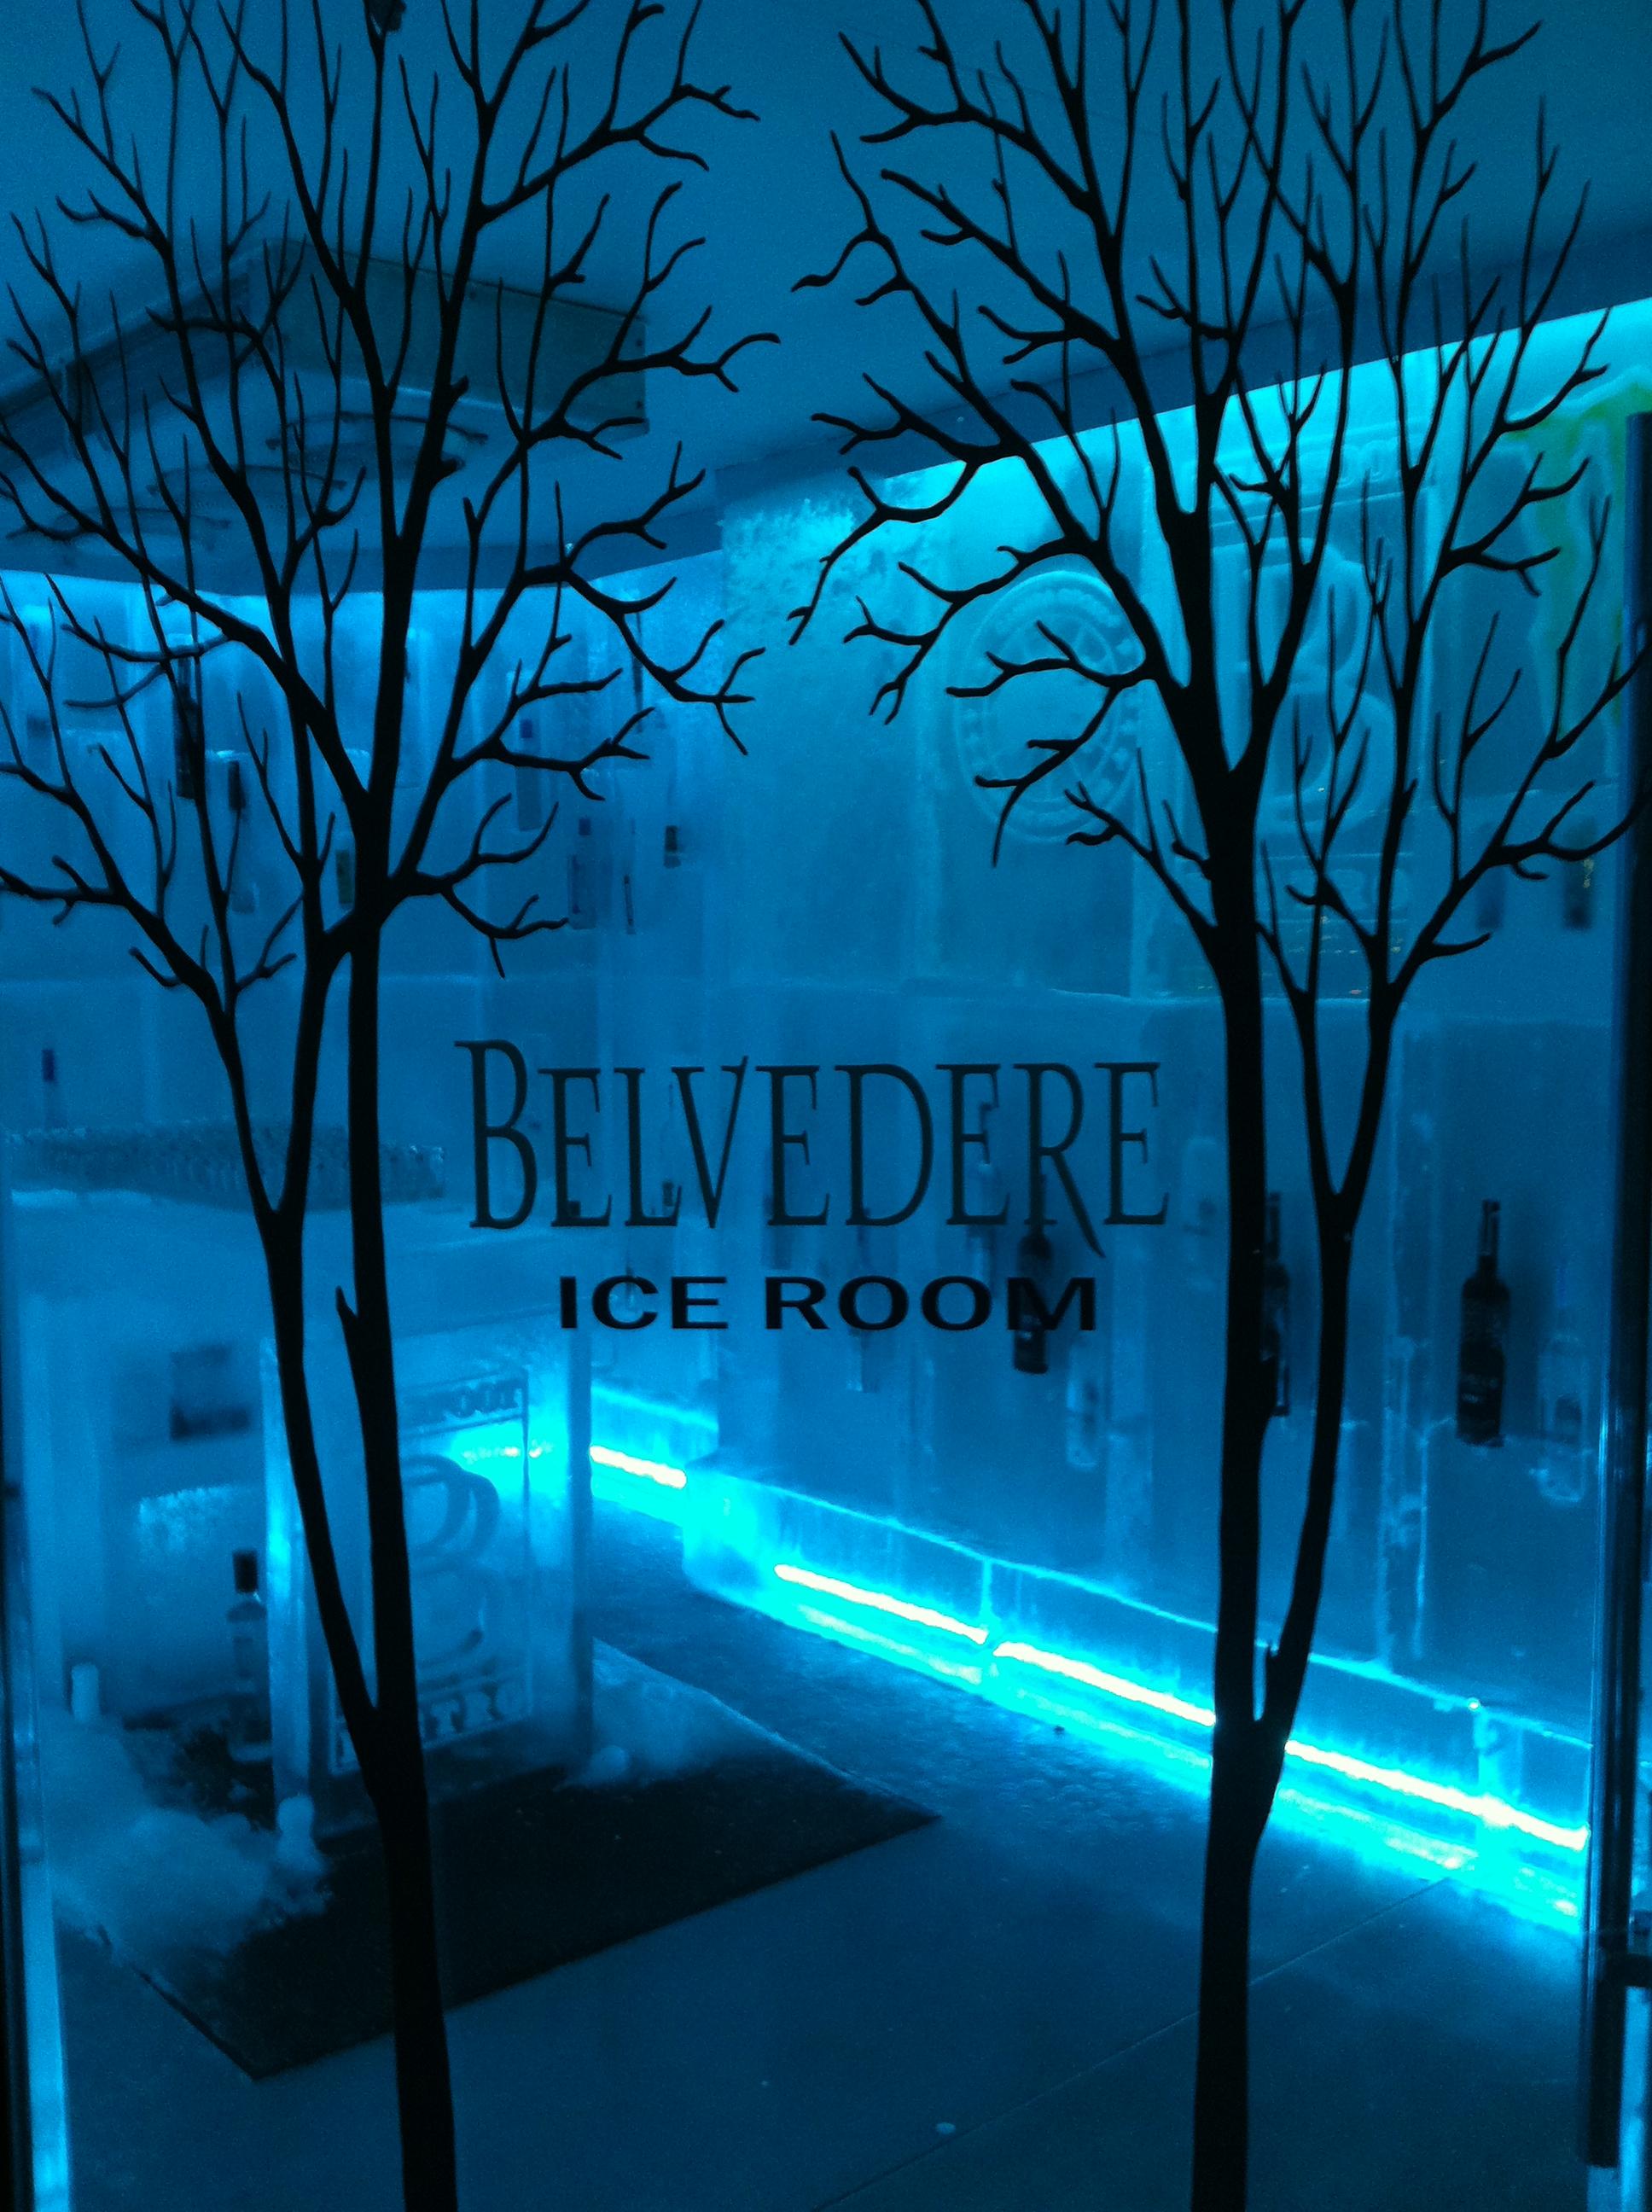 Belvedere Ice Room Whistler